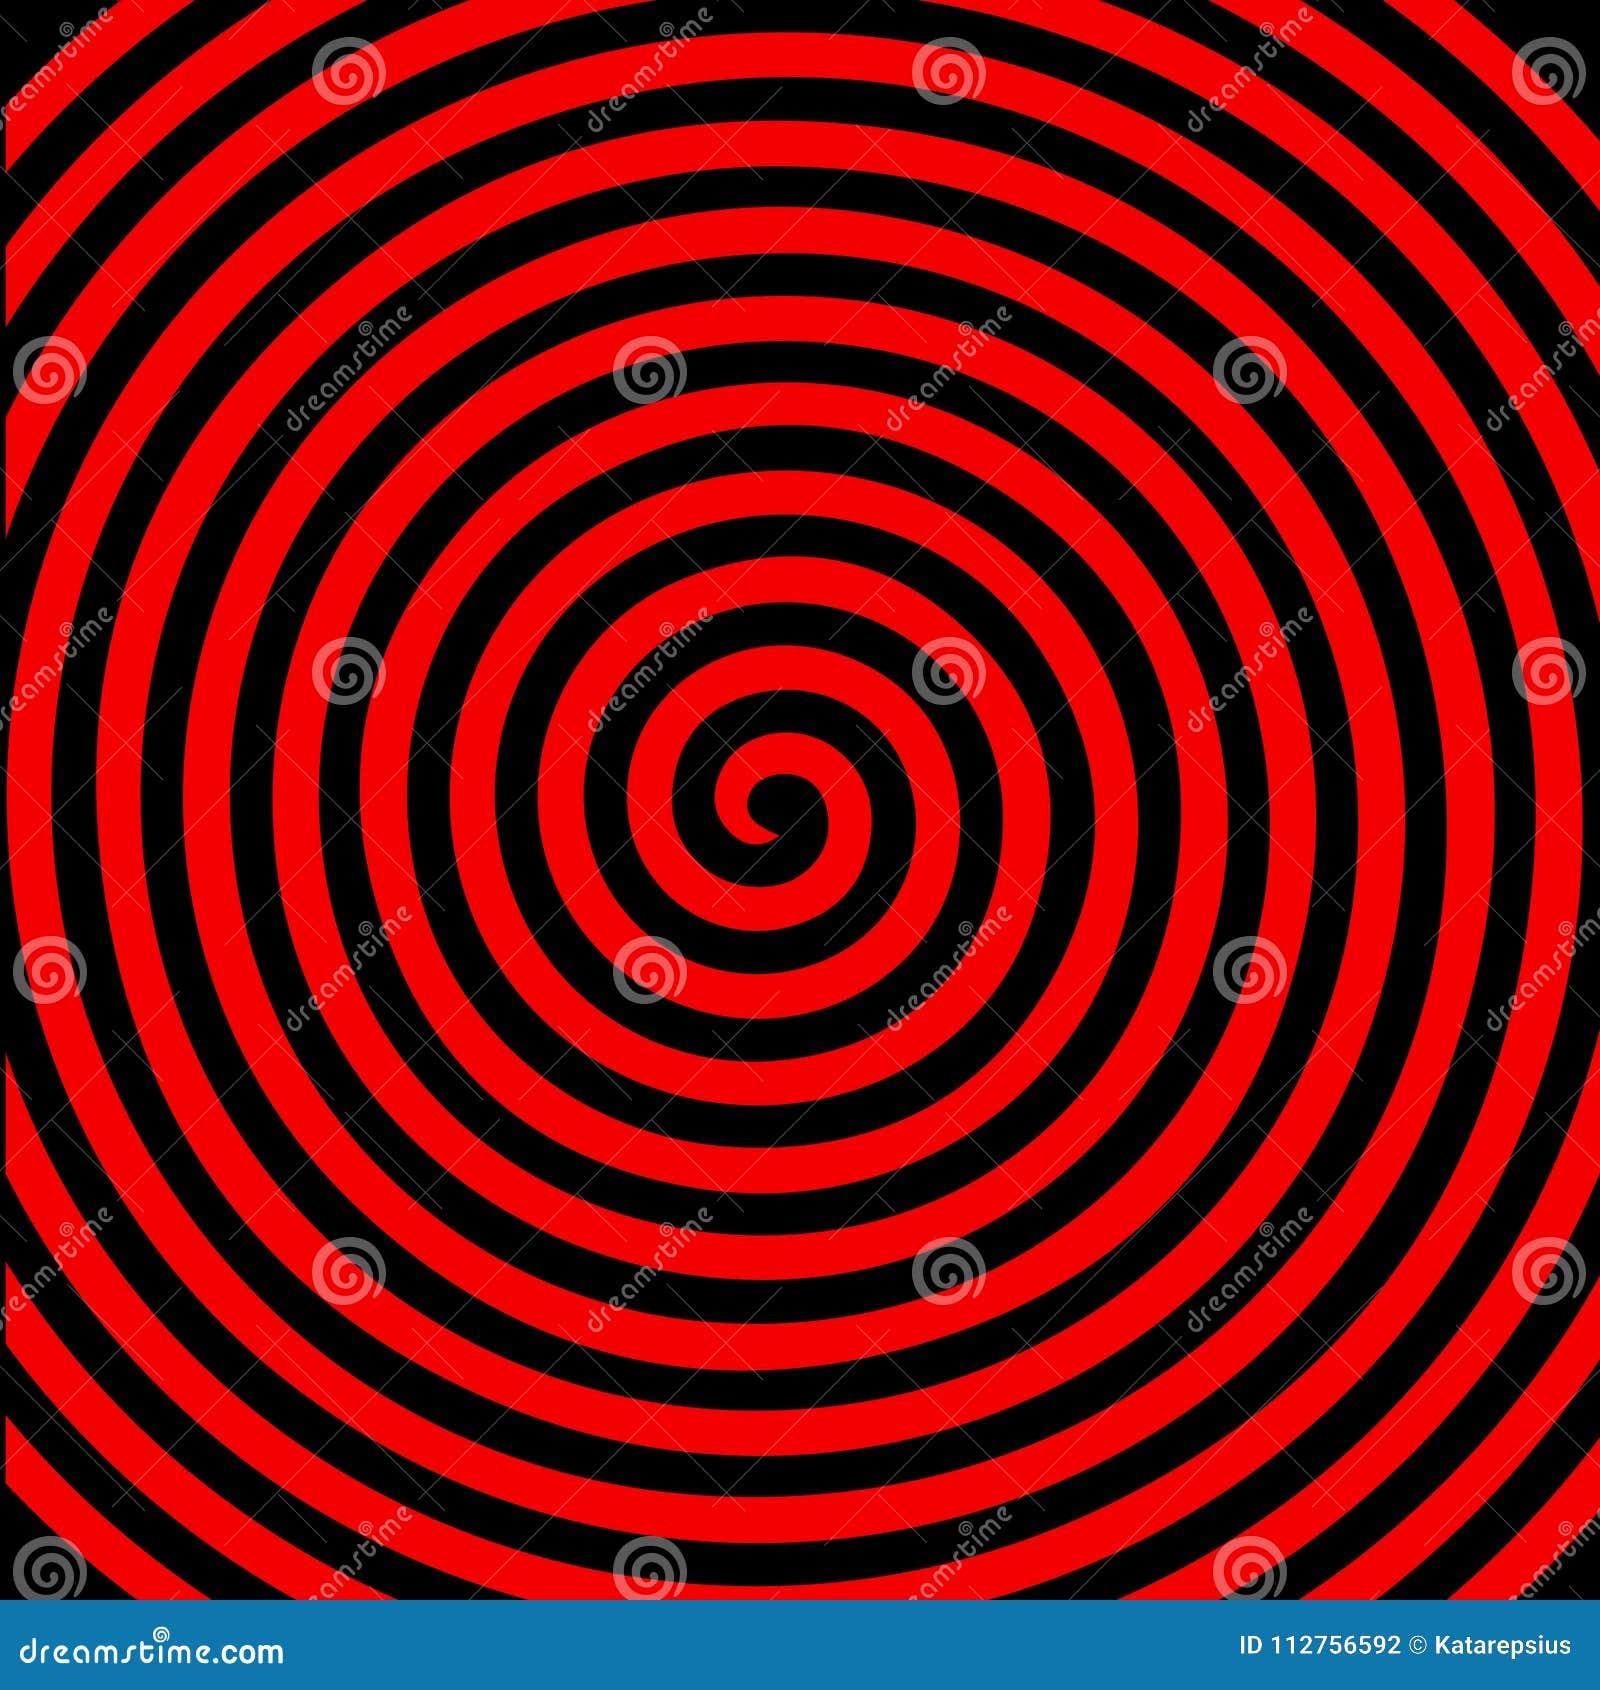 Black red round abstract vortex hypnotic spiral wallpaper.